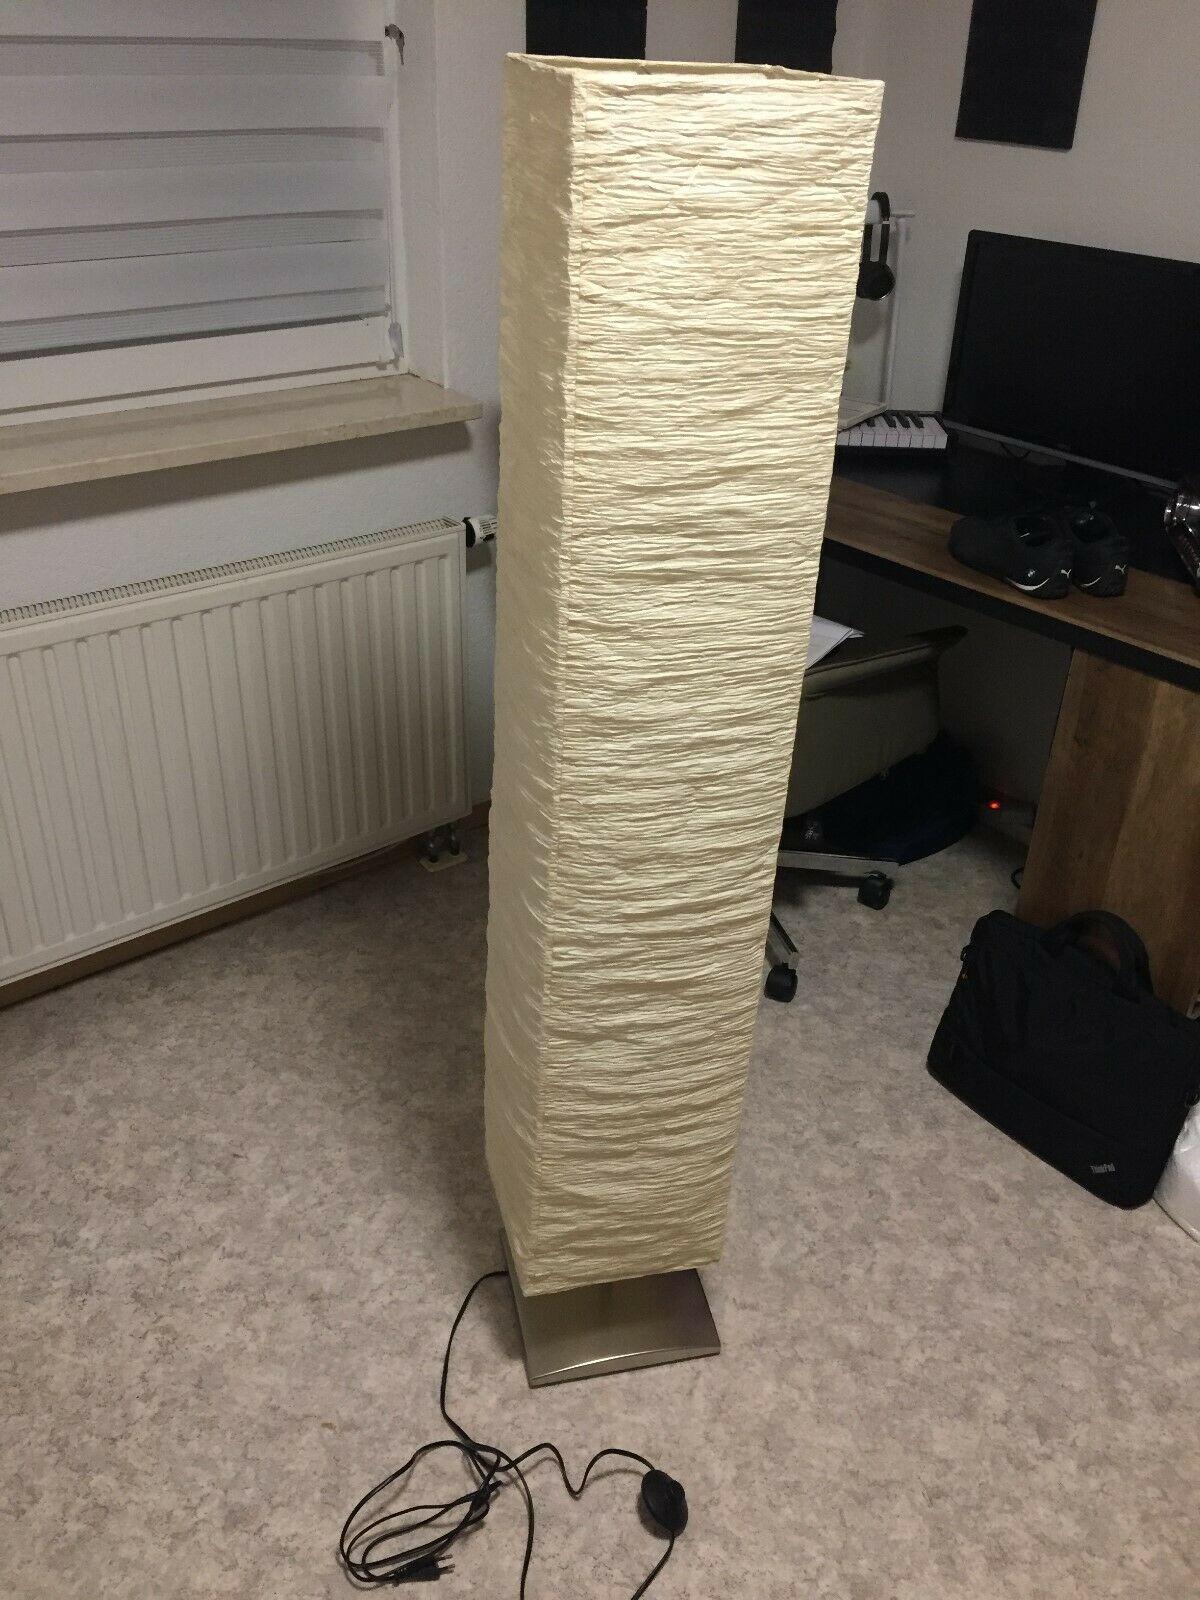 Full Size of Ikea Bogenlampe Papier Kaufen Anleitung Bogenlampen Regolit Hack Stehlampe Steh Betten Bei Küche Kosten 160x200 Modulküche Esstisch Miniküche Sofa Mit Wohnzimmer Ikea Bogenlampe